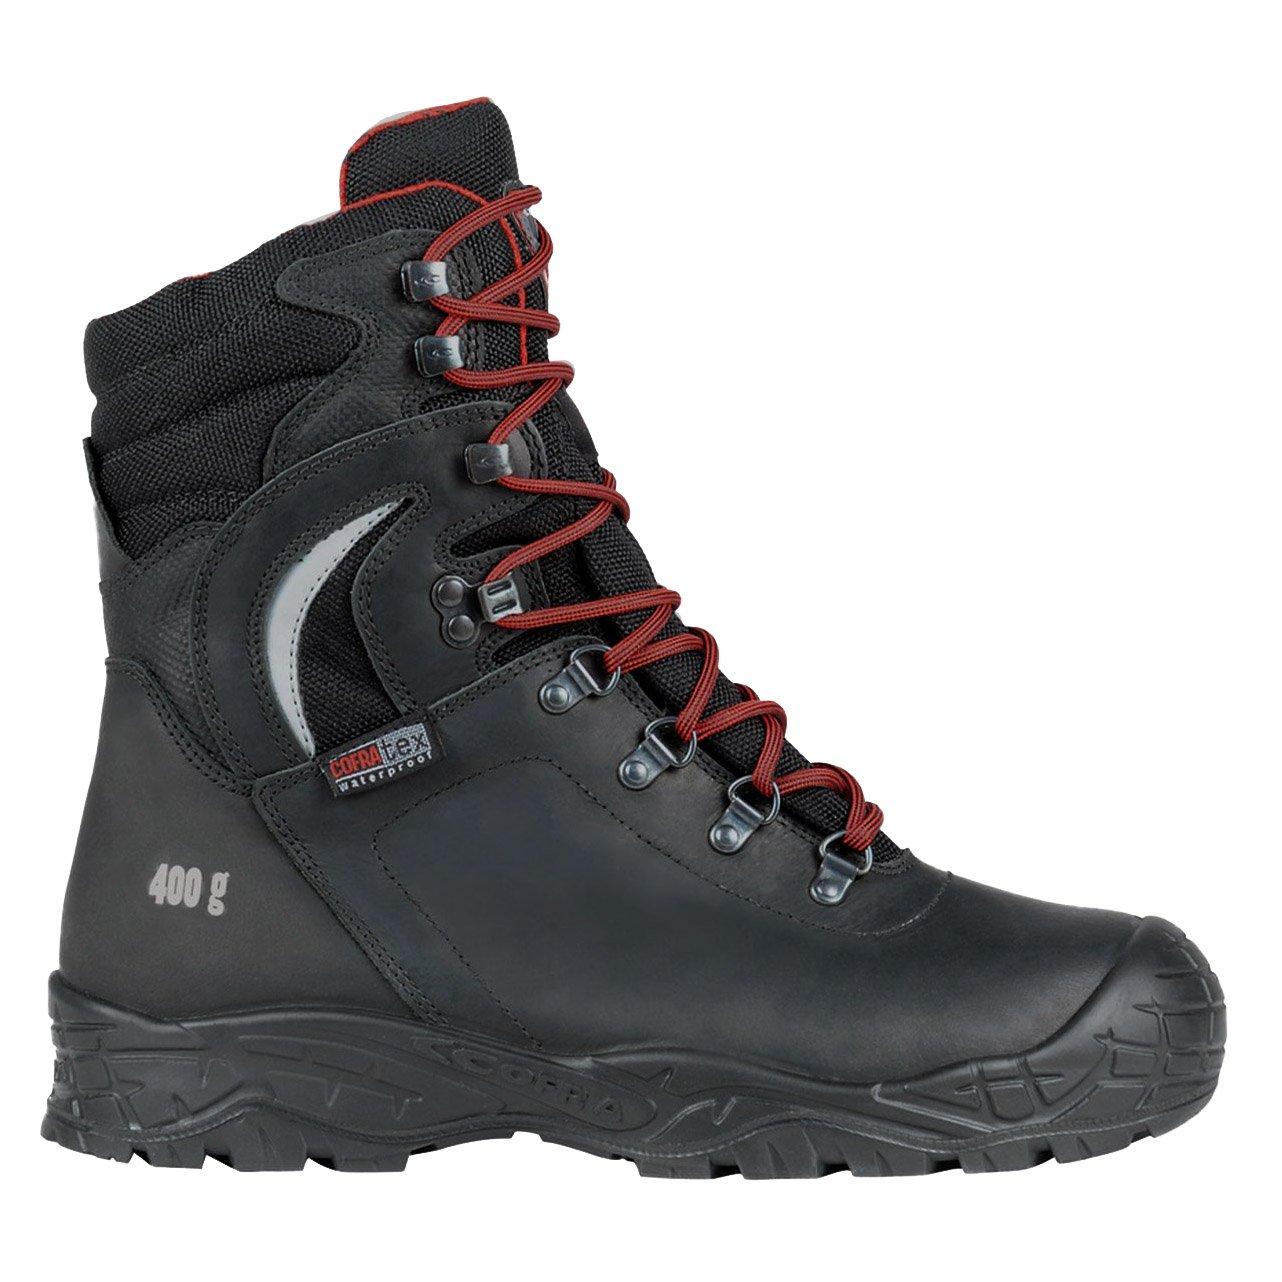 Cofra 22360-000.W43 Chaussures de s/écurit/éSkibus Uk S3 Ci Wr SRC Taille 43 Noir